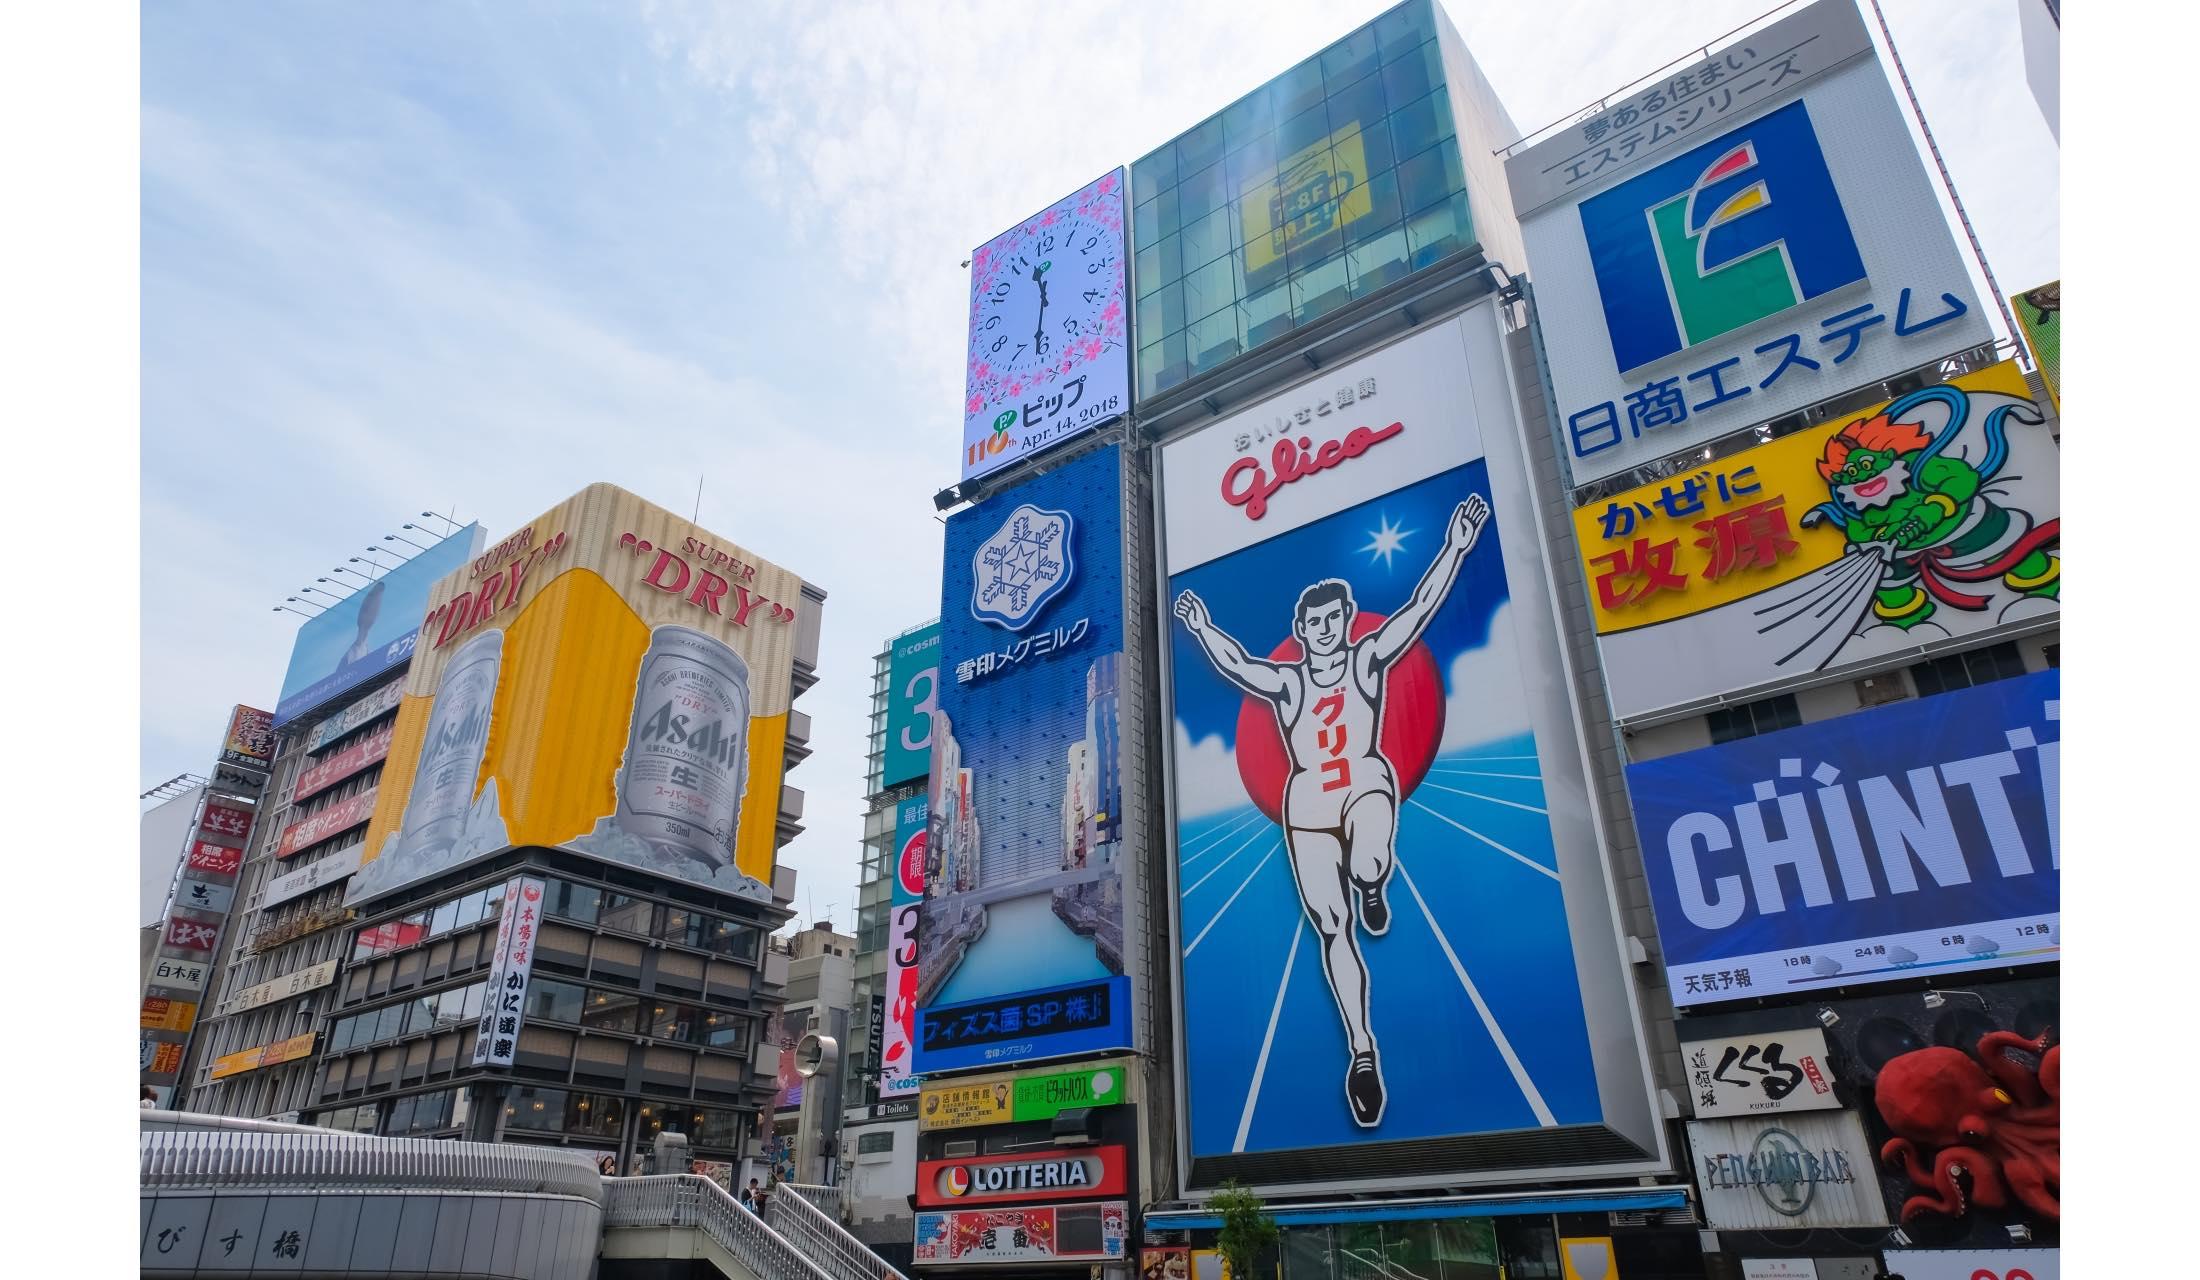 コンラッド大阪のロビー